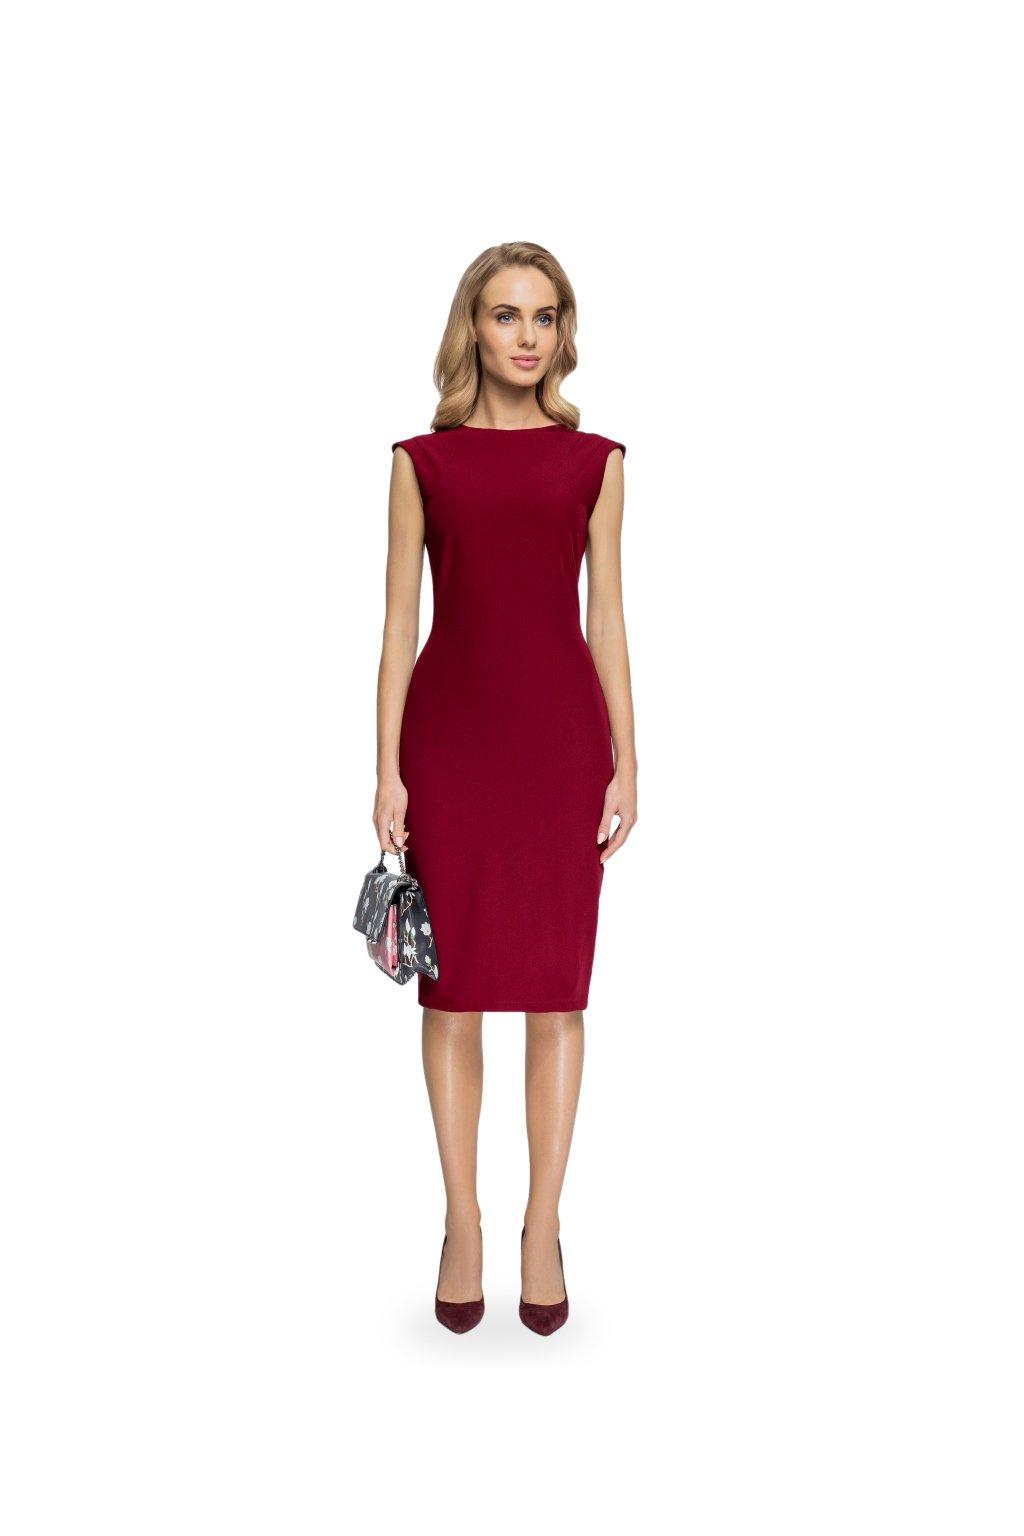 Elegantní pouzdrové šaty Style S080 černé - SD-Fashion.cz 62e0a8023b